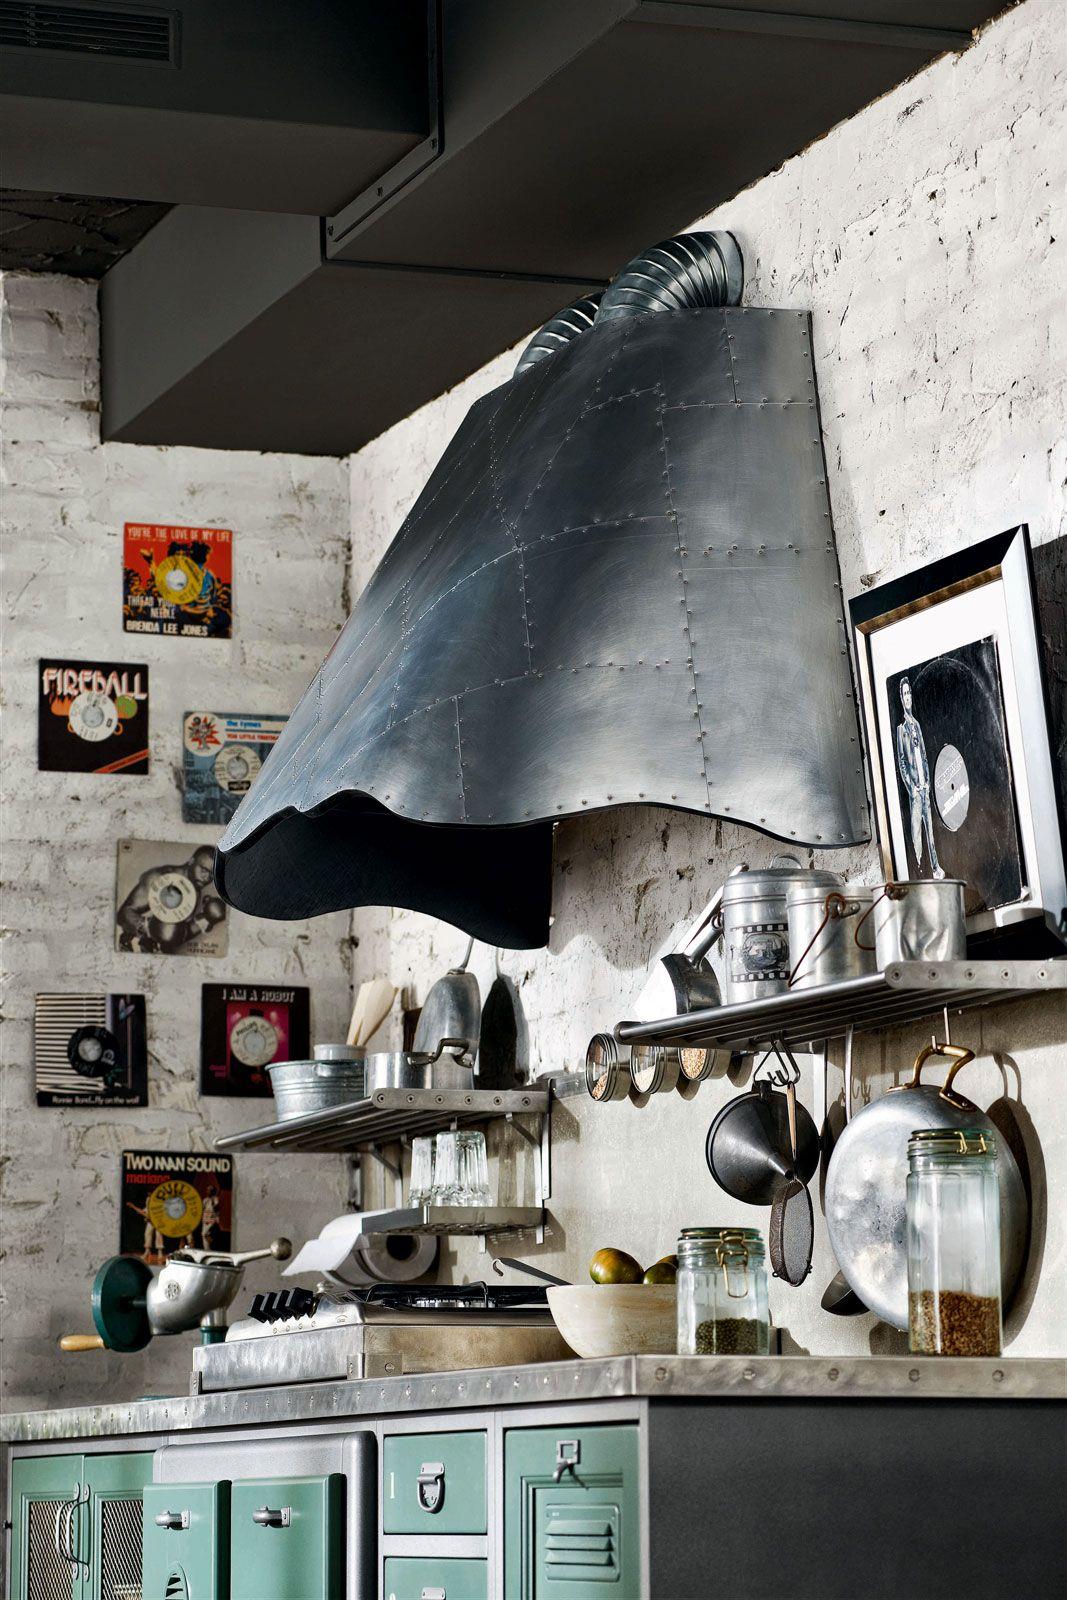 Cucine con cappa decorativa   Cucine country, Cucine vintage ...